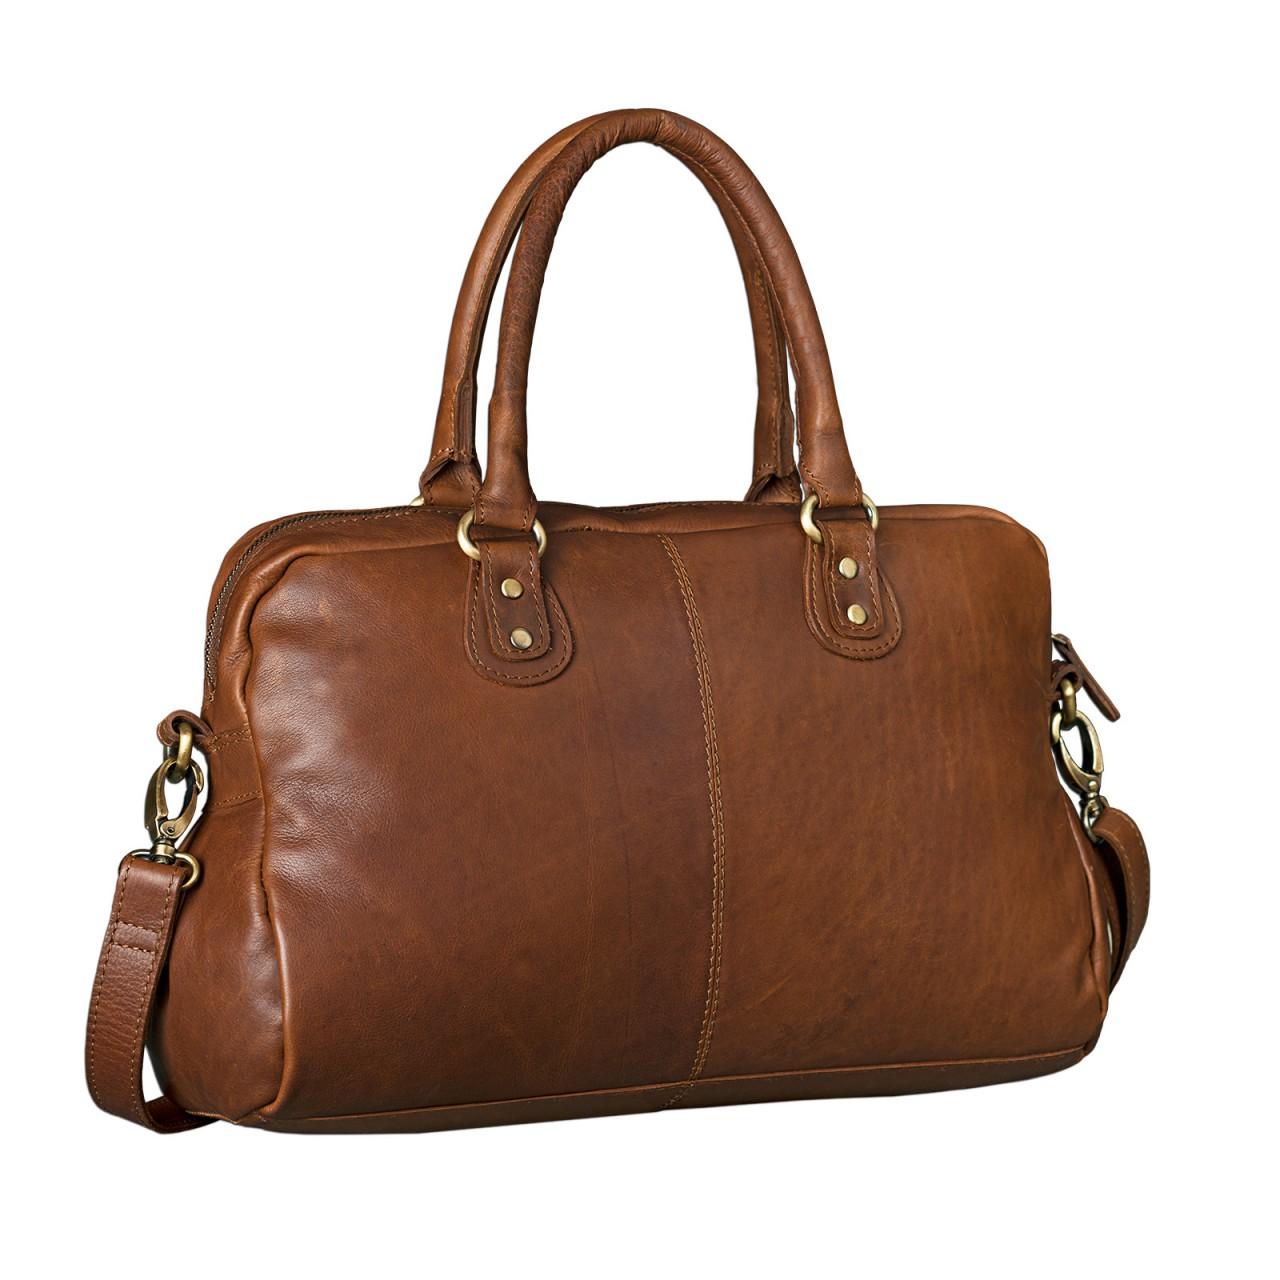 """STILORD """"Elena"""" Vintage Handtasche Damen Umhängetasche geflochten elegante Ledertasche Shopping Ausgehen weiches Leder - Bild 3"""